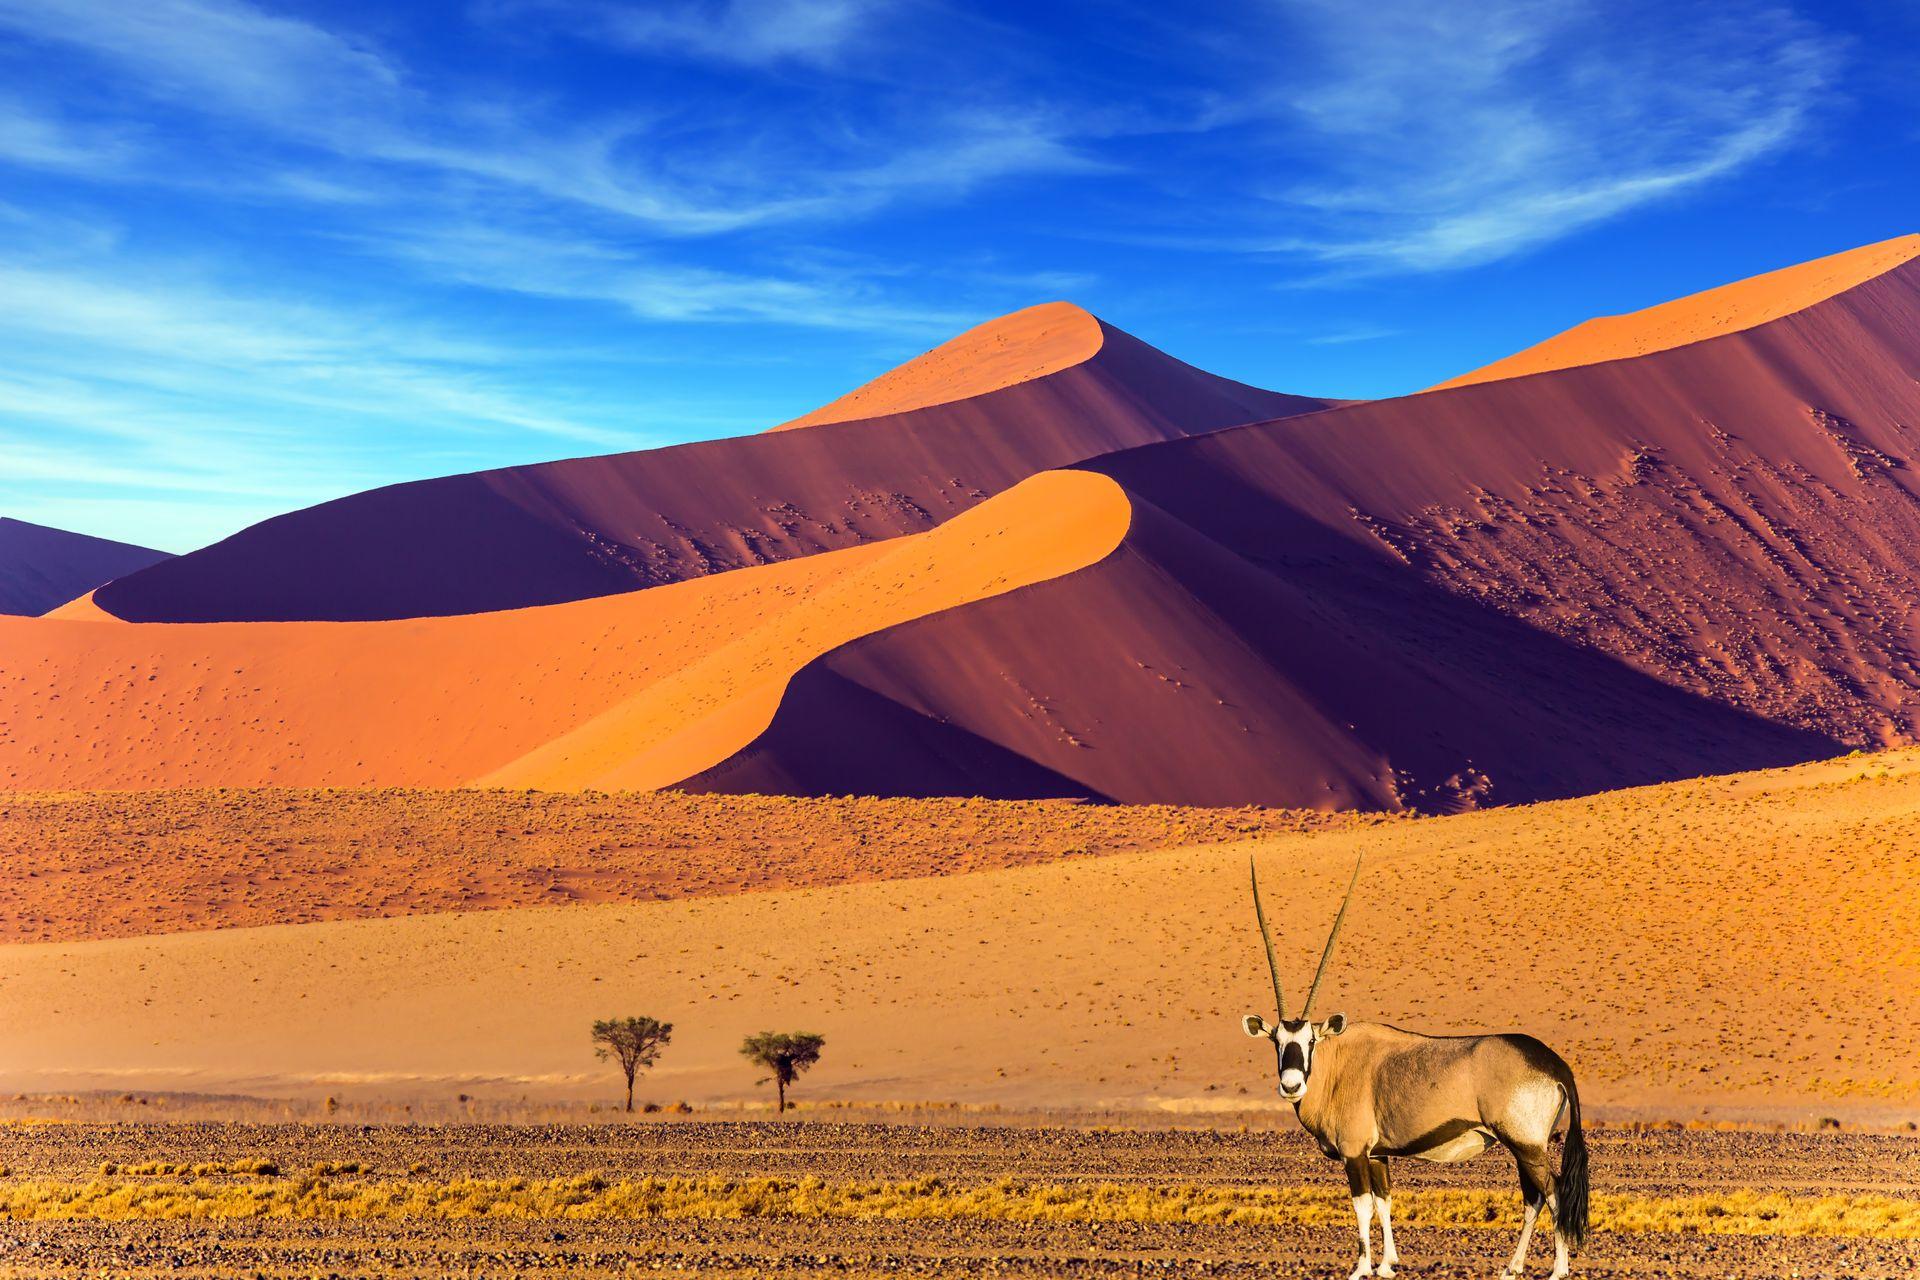 Azt gondolja, hogy a sivatagok unalmasak? Bebizonyítjuk az ellenkezőjét!